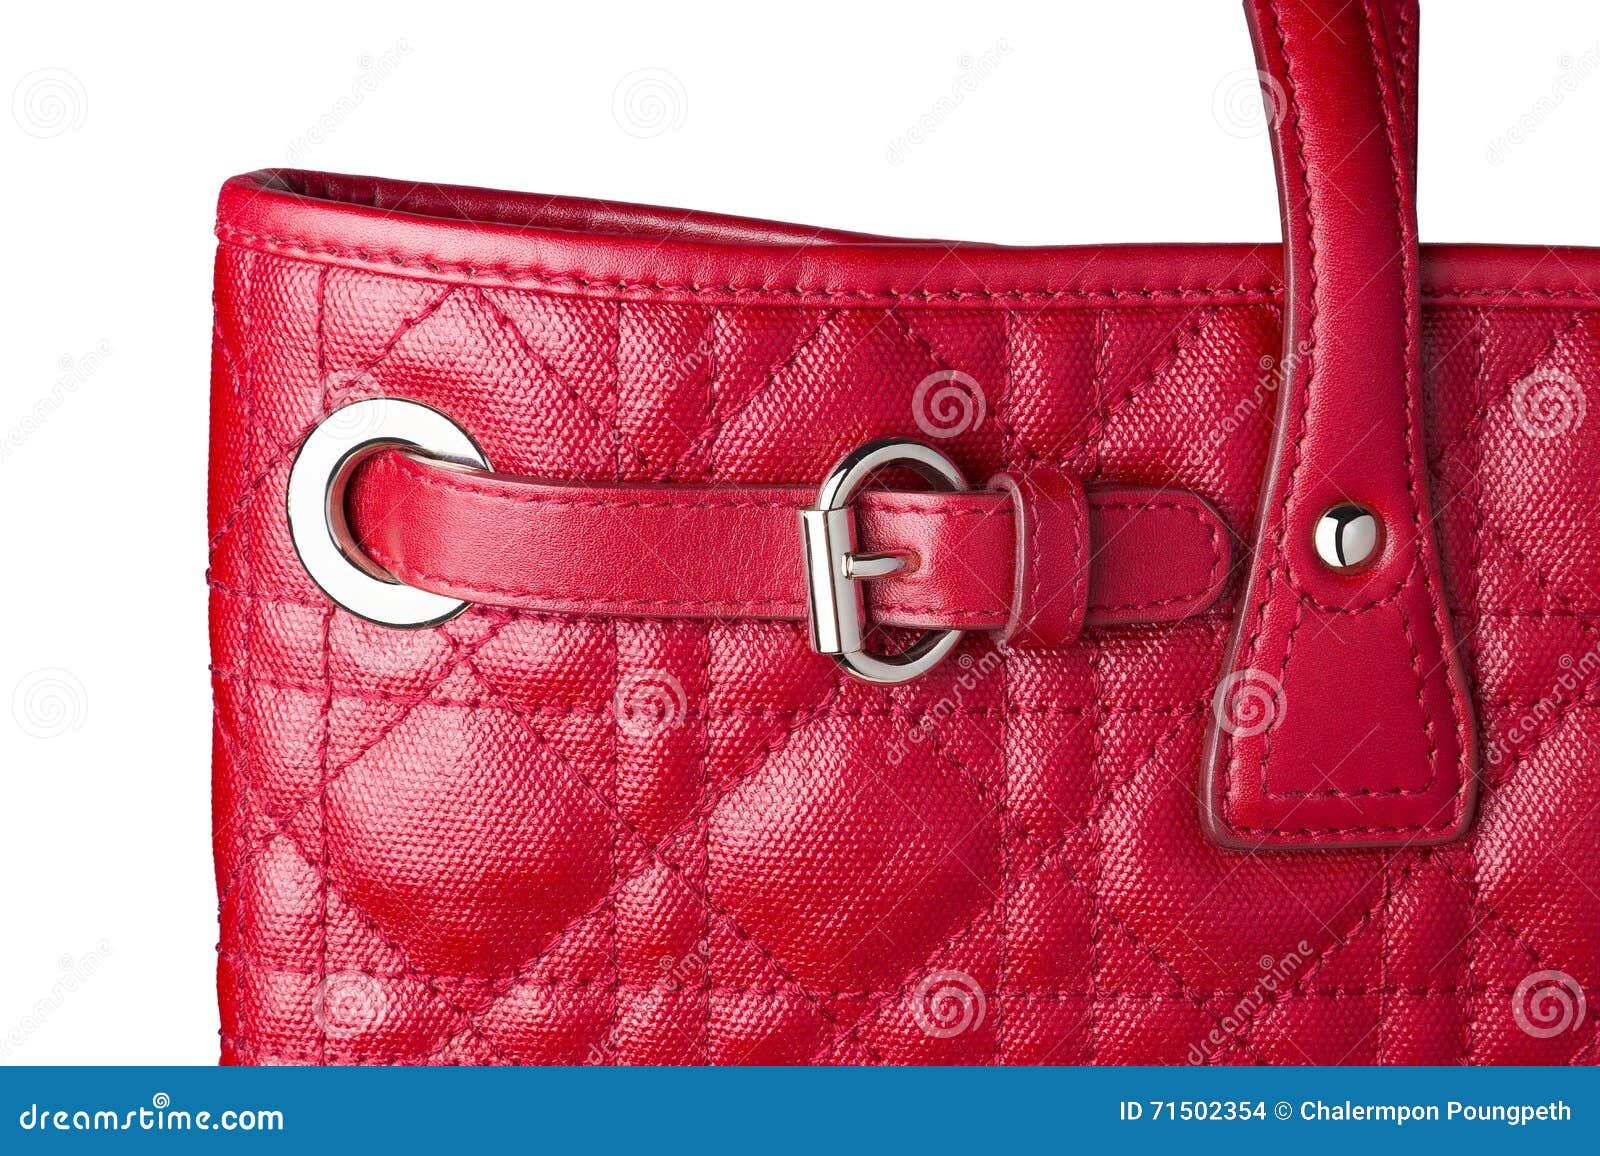 Main Boucle En Vous Rouge Femme La Cuir À De Sac Fermez Avec Du 6yfYb7g